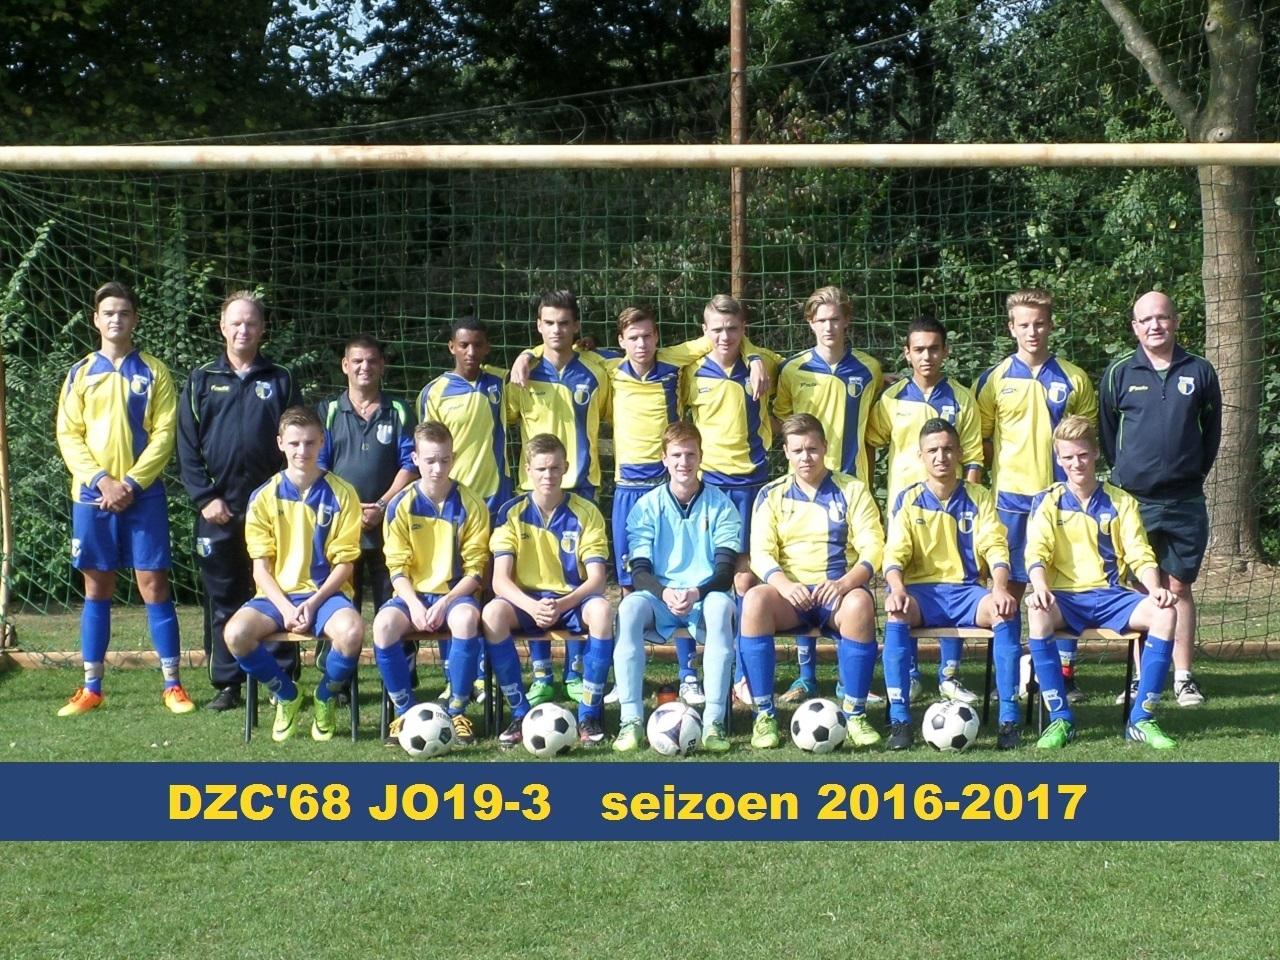 DZC'68 JO19-3